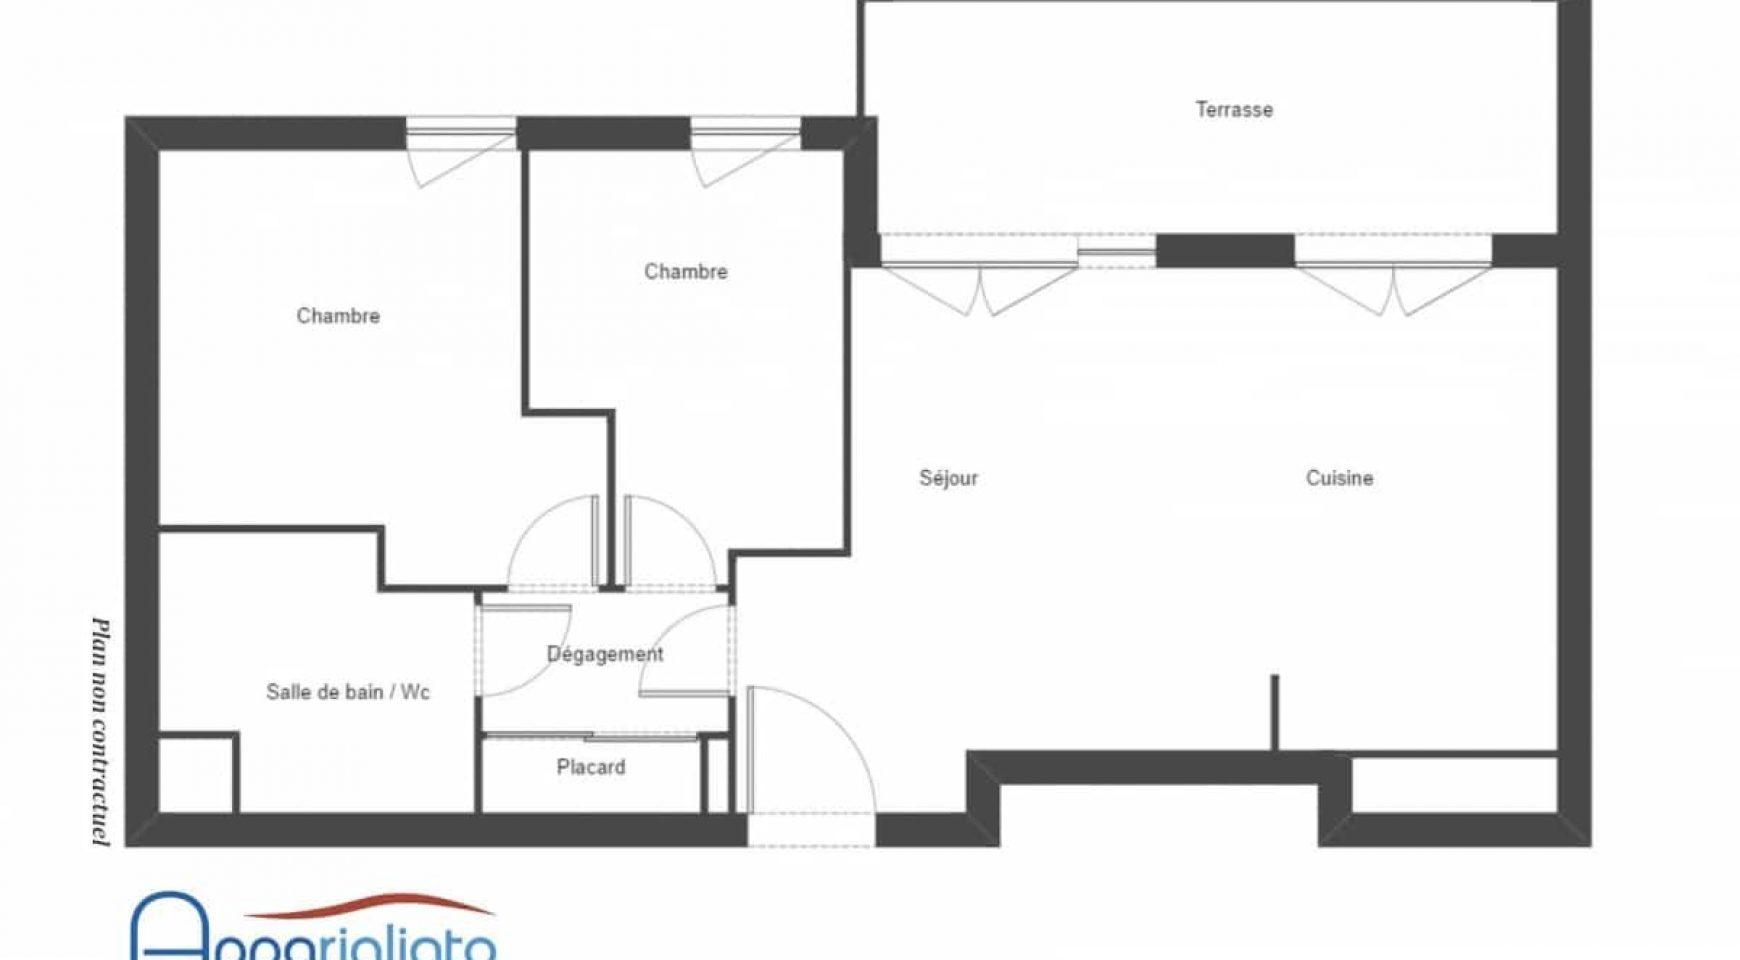 la maison du carrelage blagnac amazing carrelage design la maison du carrelage blagnac gallery. Black Bedroom Furniture Sets. Home Design Ideas